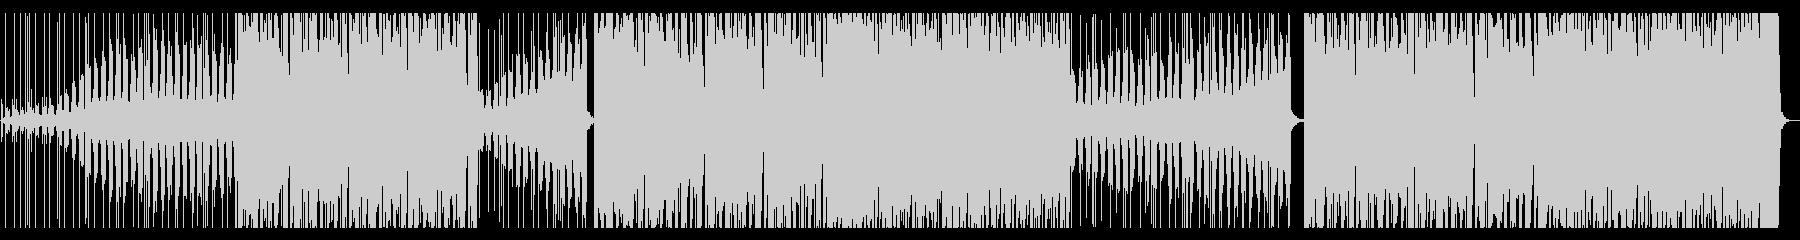 駆け抜けるエレクトロの未再生の波形